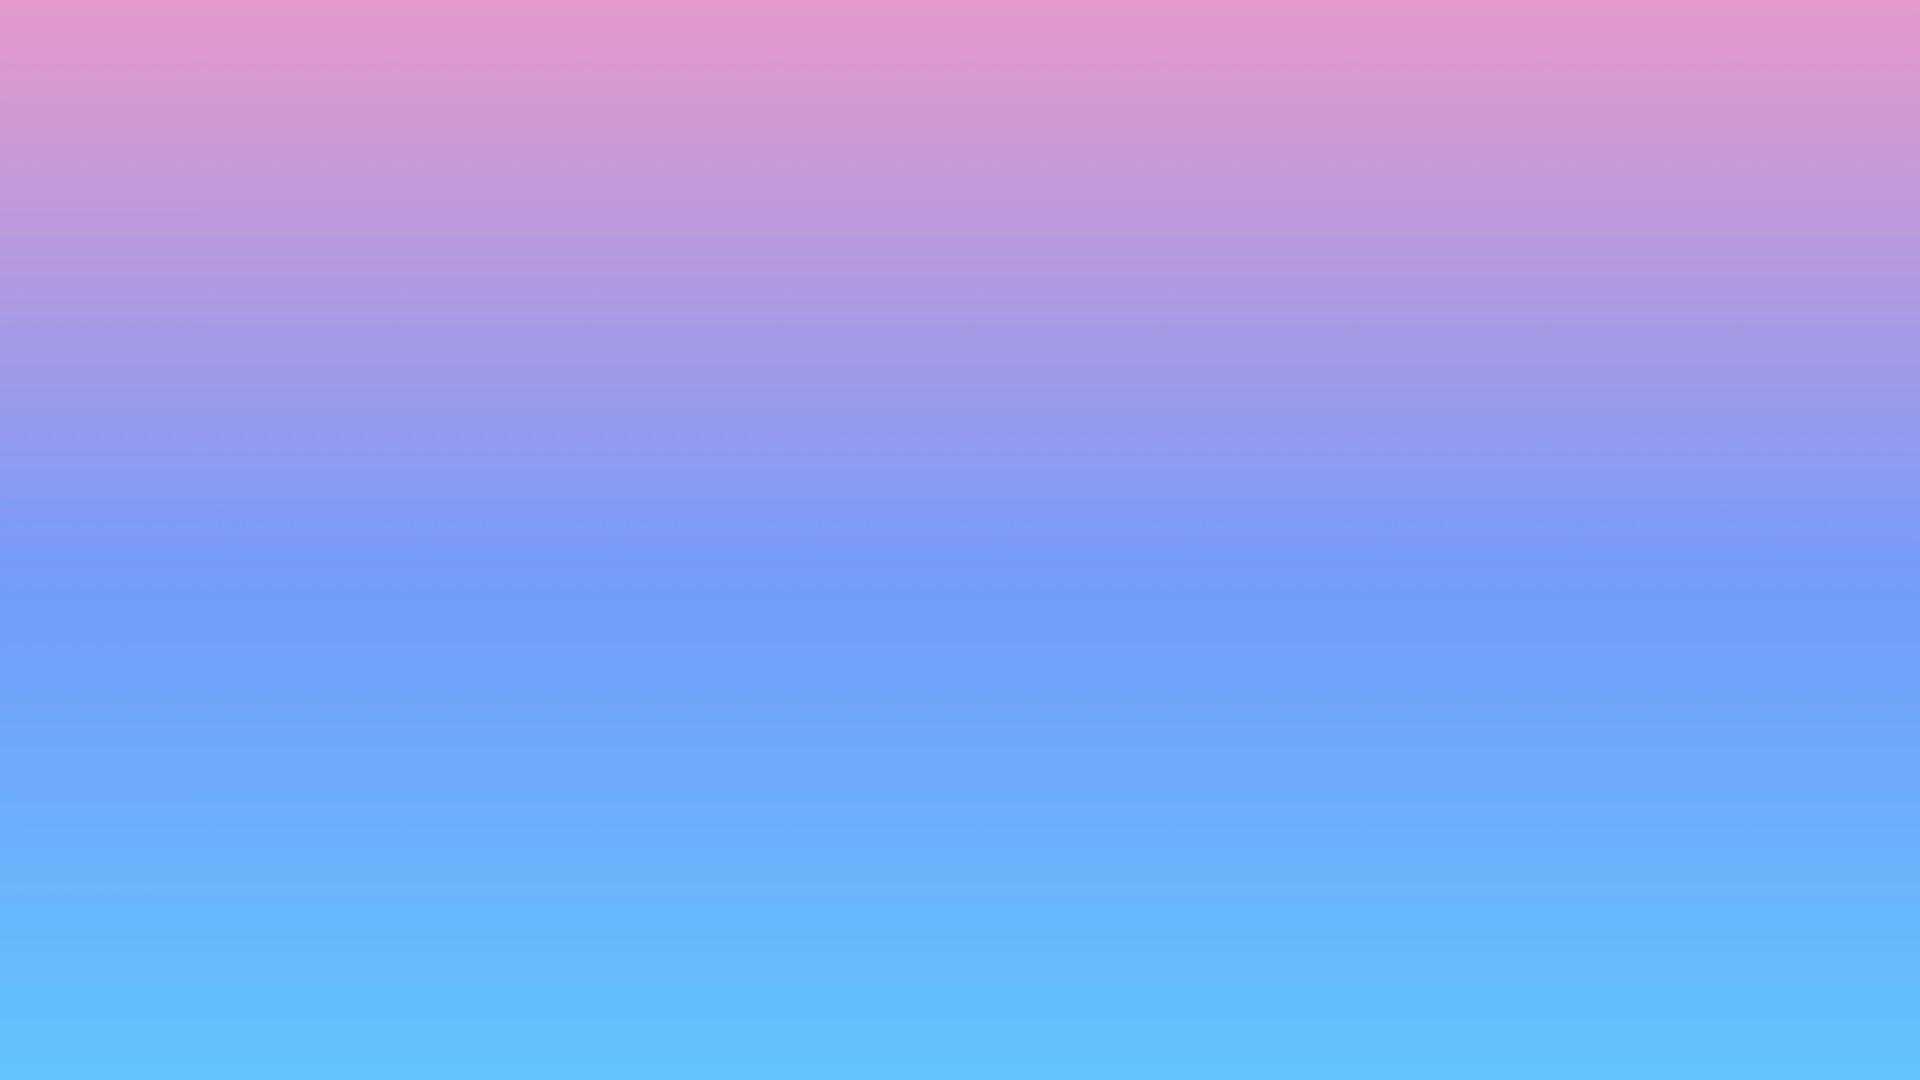 彩色渐变高清动态壁纸